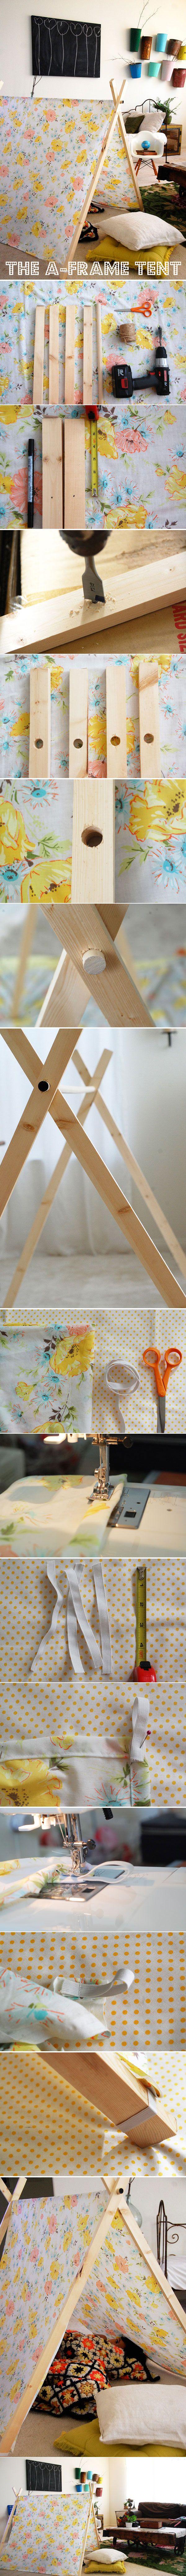 DIY Tutorial: A-Frame Tent